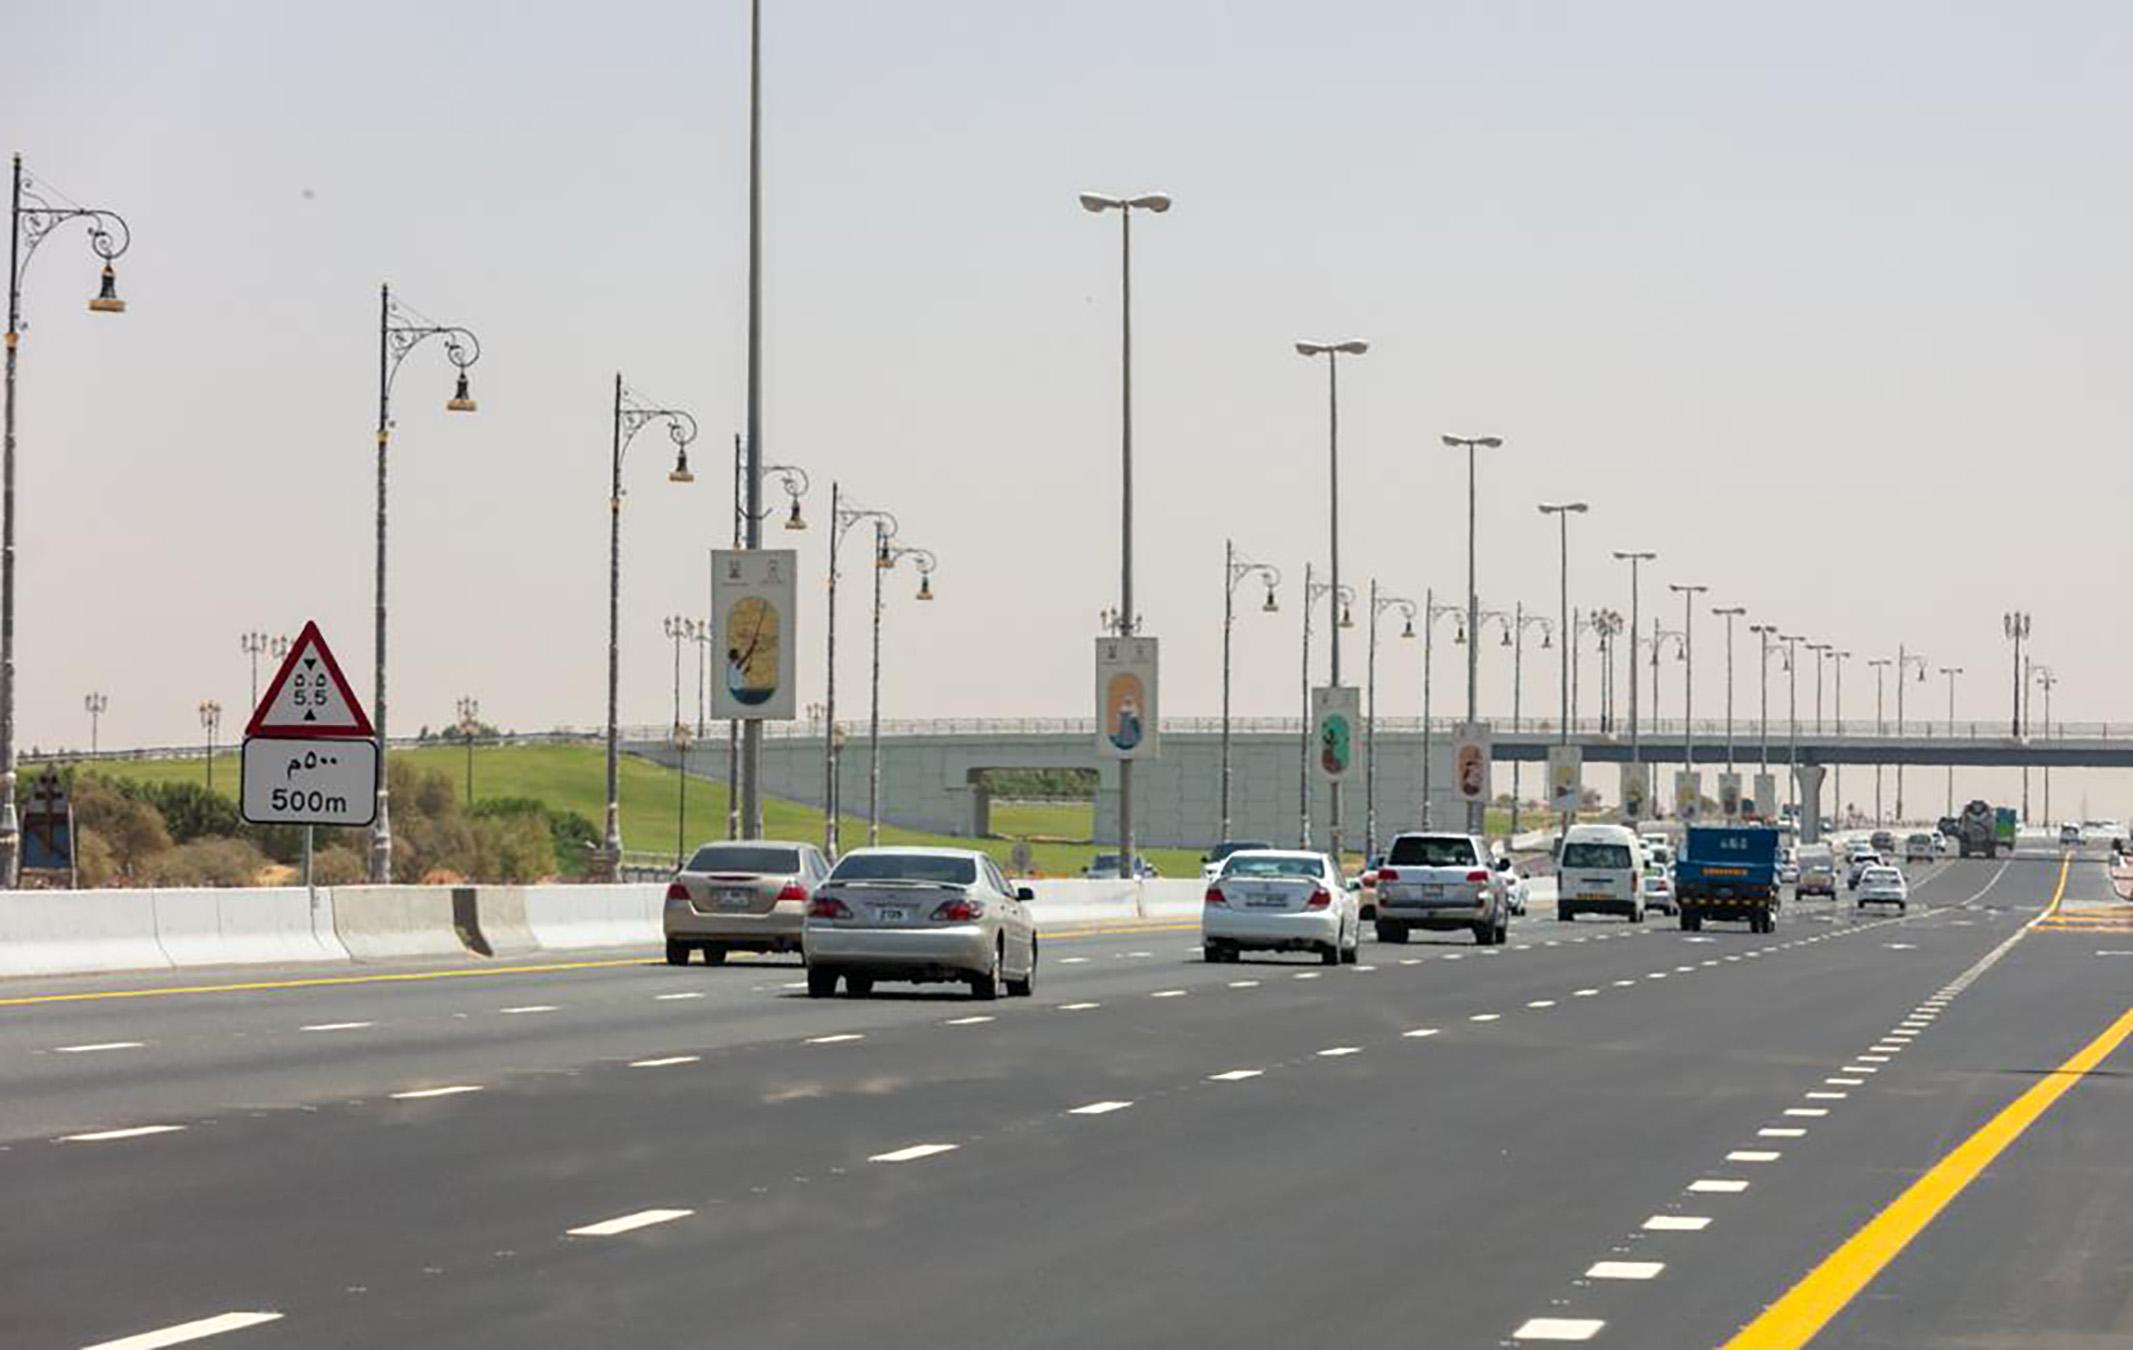 طرق الشارقة تنجز 93 بالمائة من مشروع تطوير طريق الذيد بتكلفة 85 مليون درهم